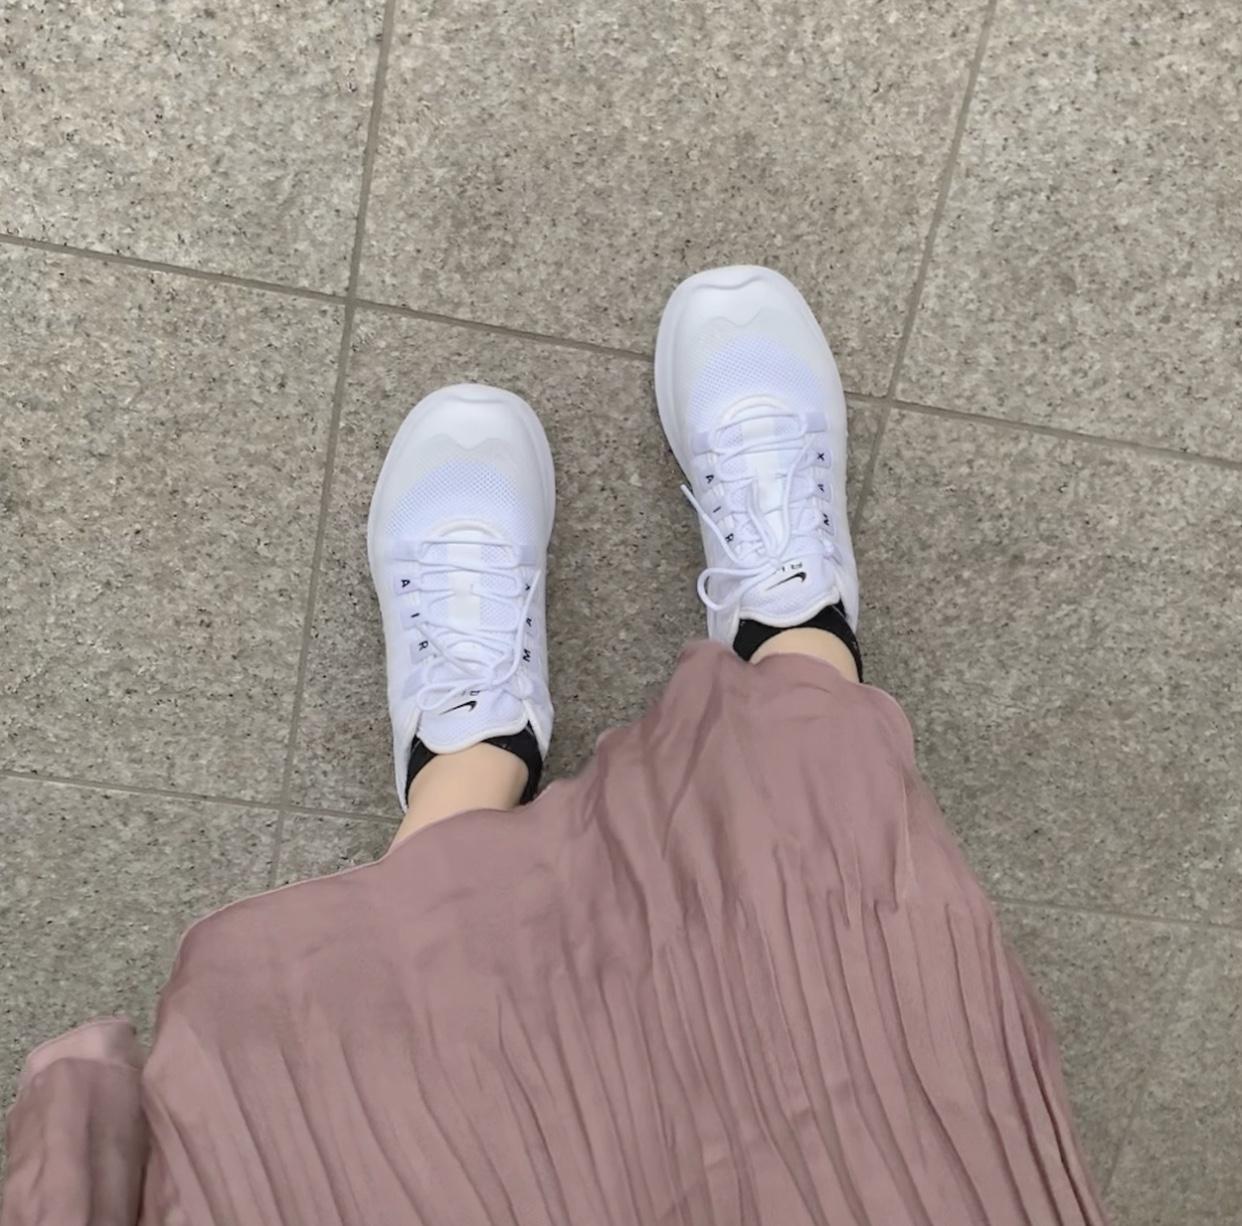 大人っぽいスニーカーコーデ特集《2019年版》 - 20代女子のきれいめカジュアルにおすすめのスニーカーは?_32